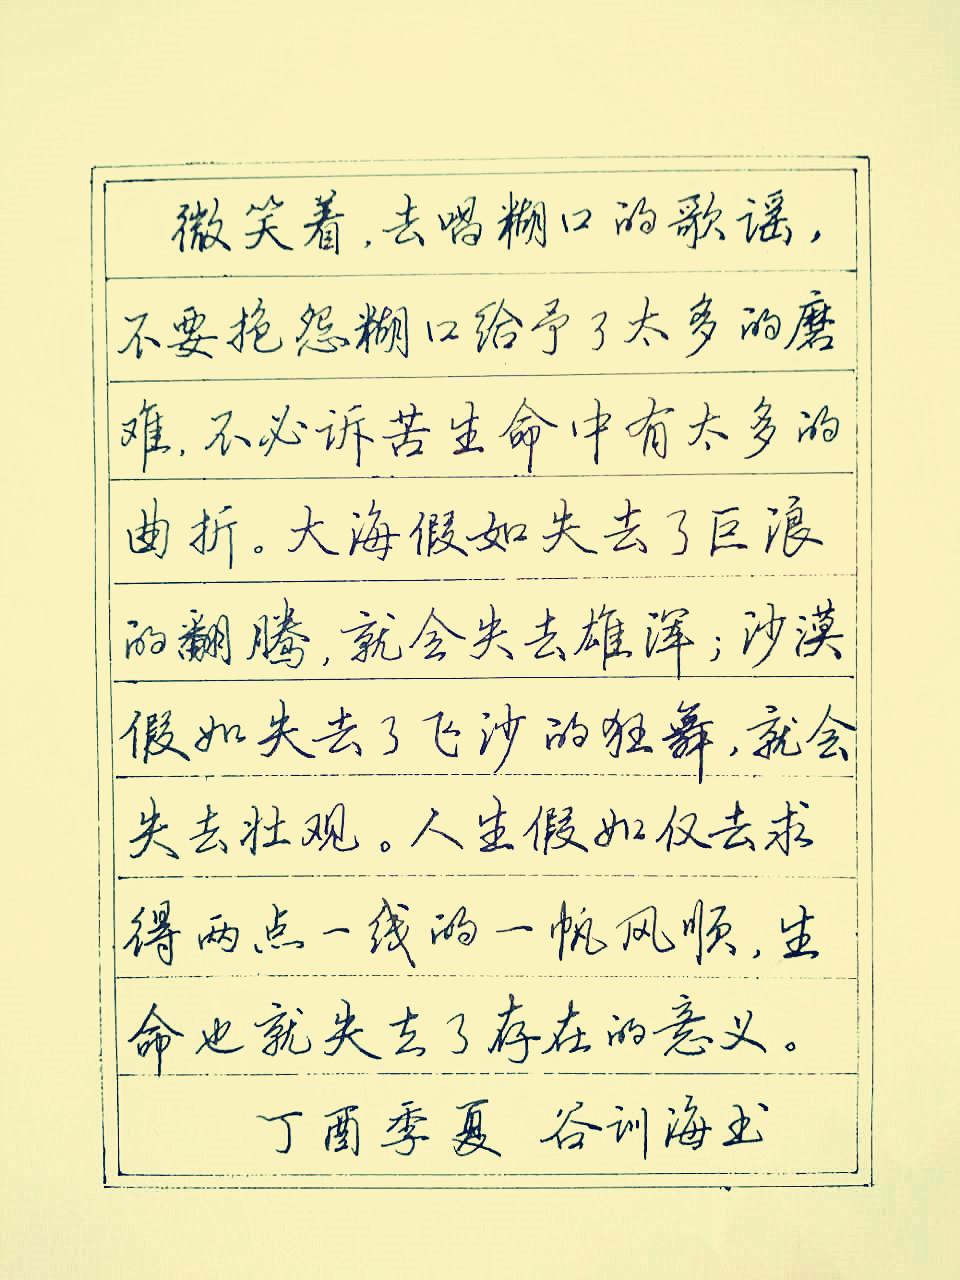 古訓海老師行書作品,此作品將鋼筆字寫的飄逸華美!圖片